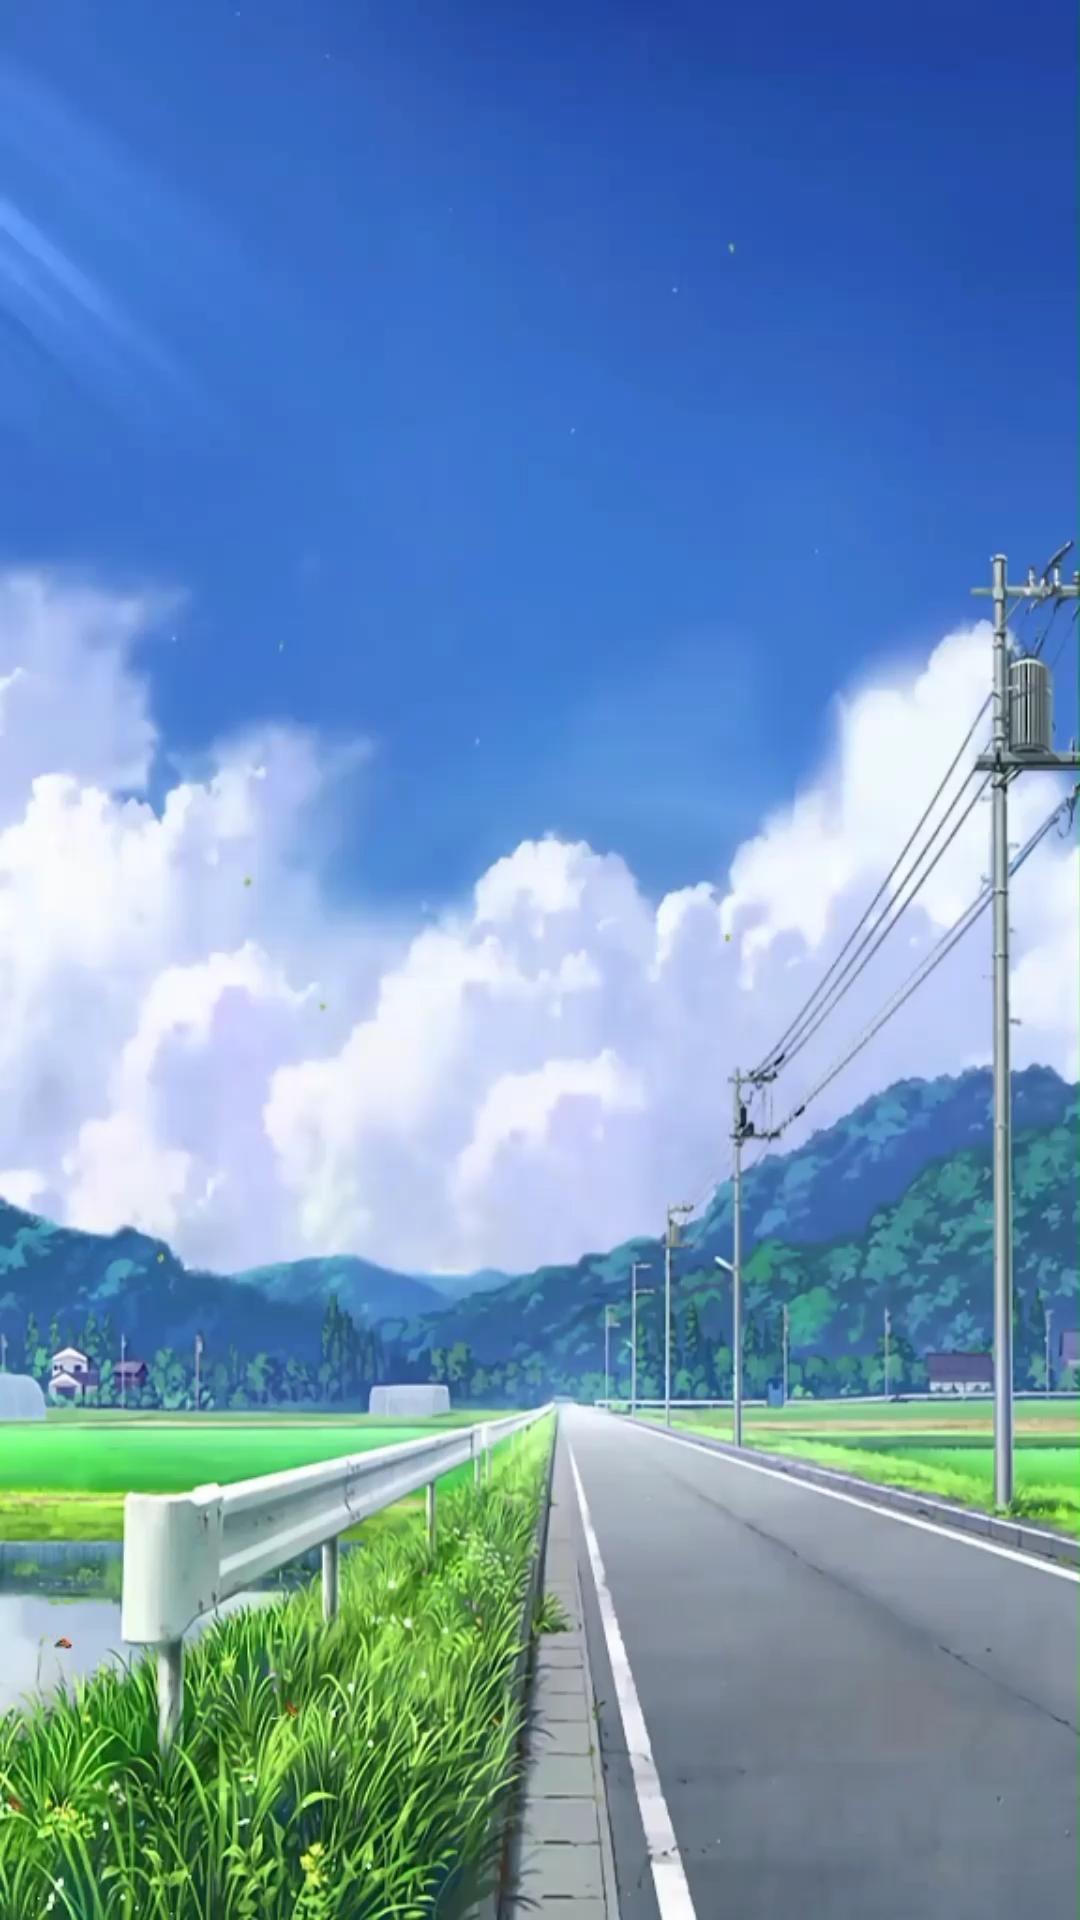 Hình nền động phong cảnh anime tuyệt đẹp